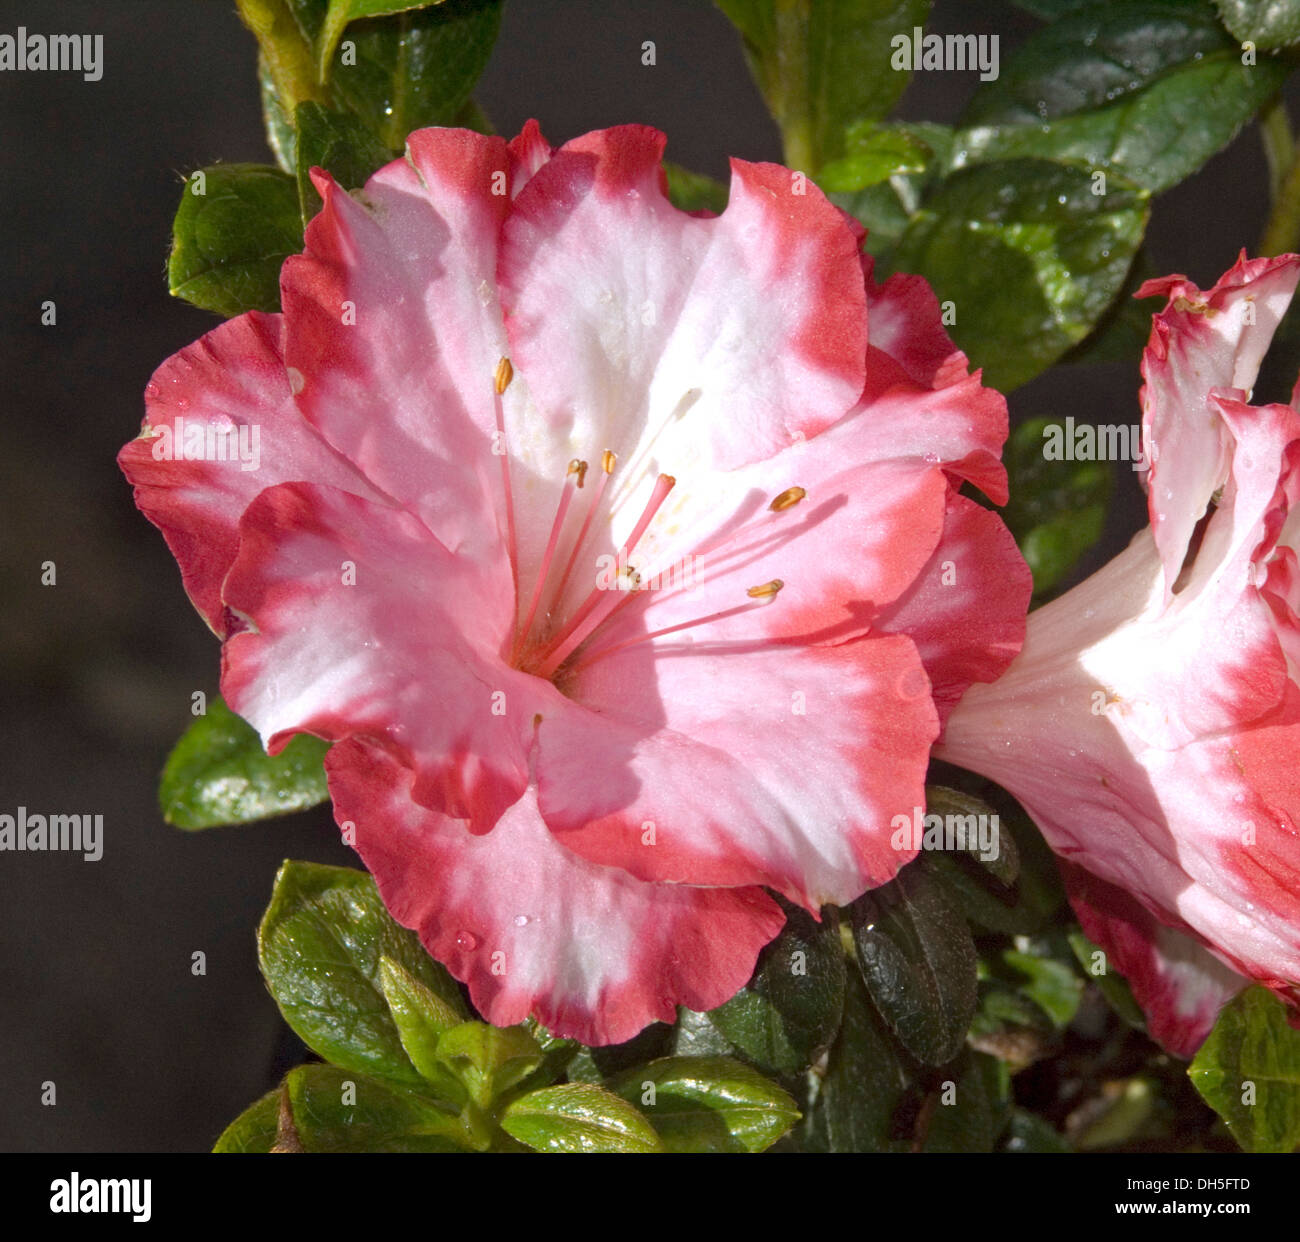 White Pink Edged Flower Stock Photos White Pink Edged Flower Stock